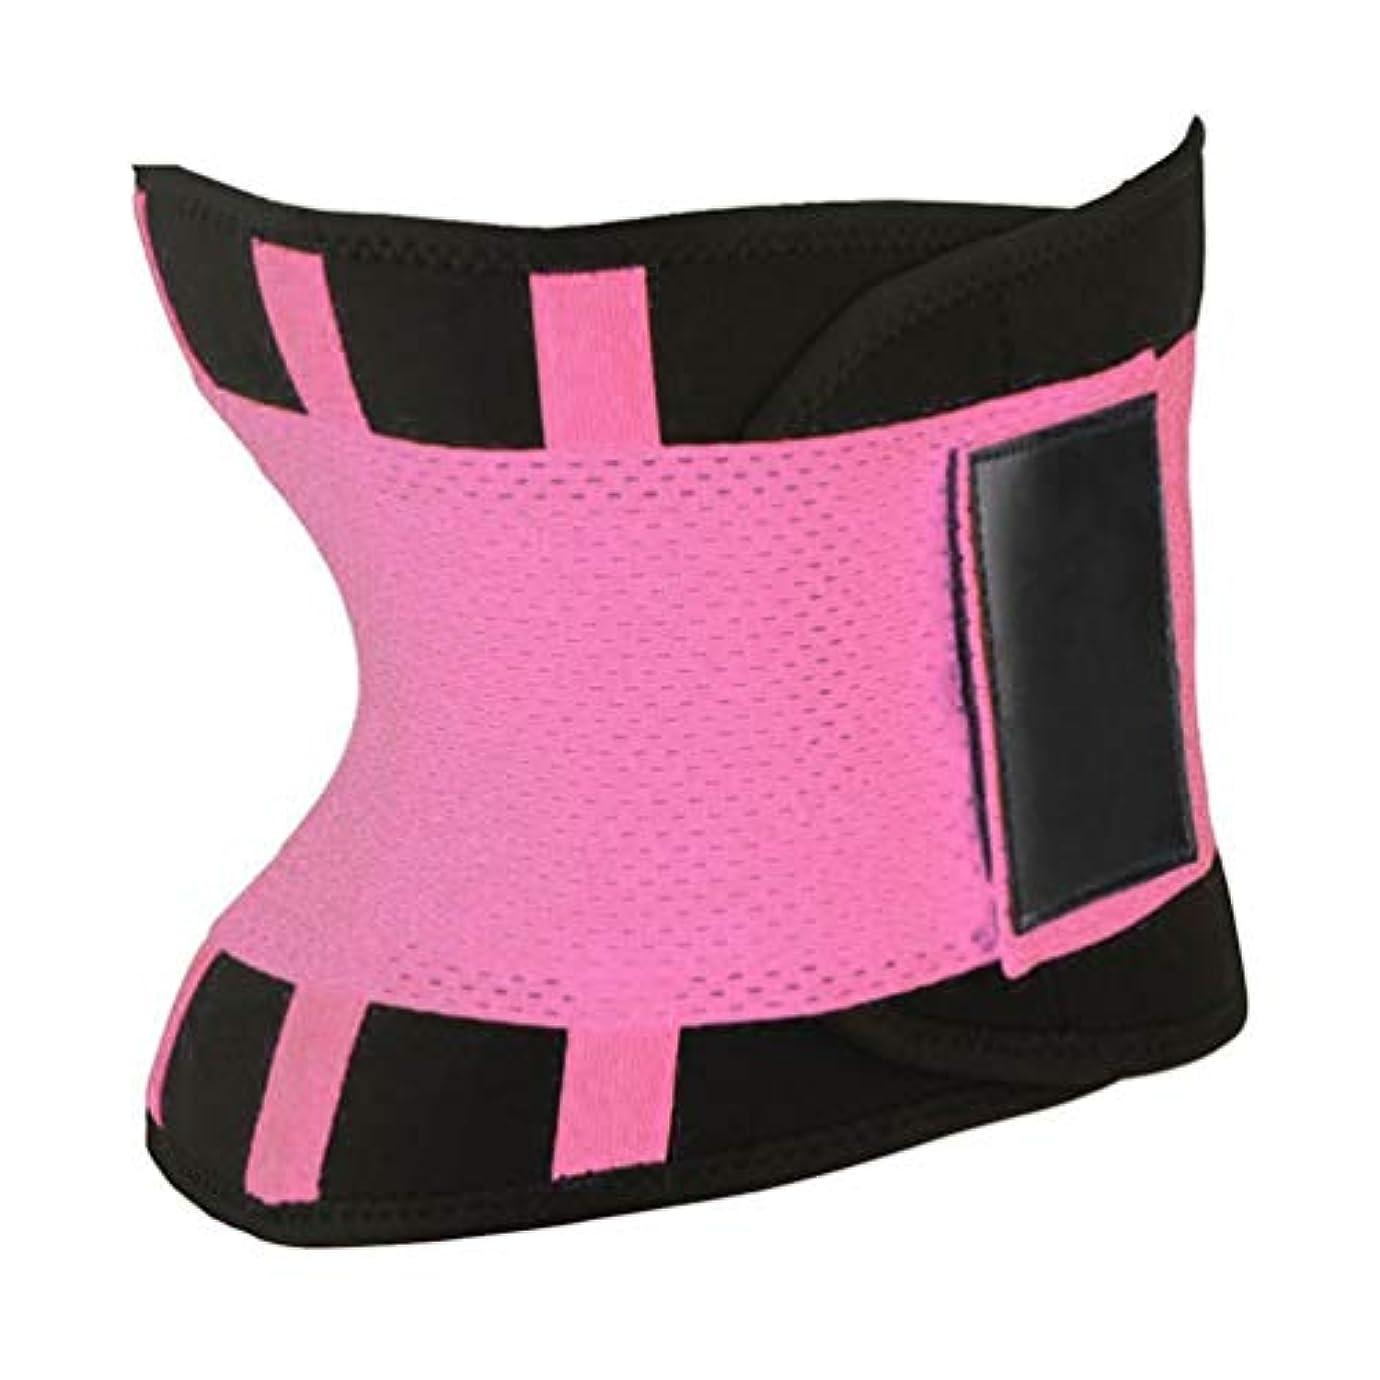 シェフとしてラフト快適な女性ボディシェイパー痩身シェイパーベルトスポーツ女性ウエストトレーナーニッパー制御バーニングボディおなかベルト - ピンク2xl